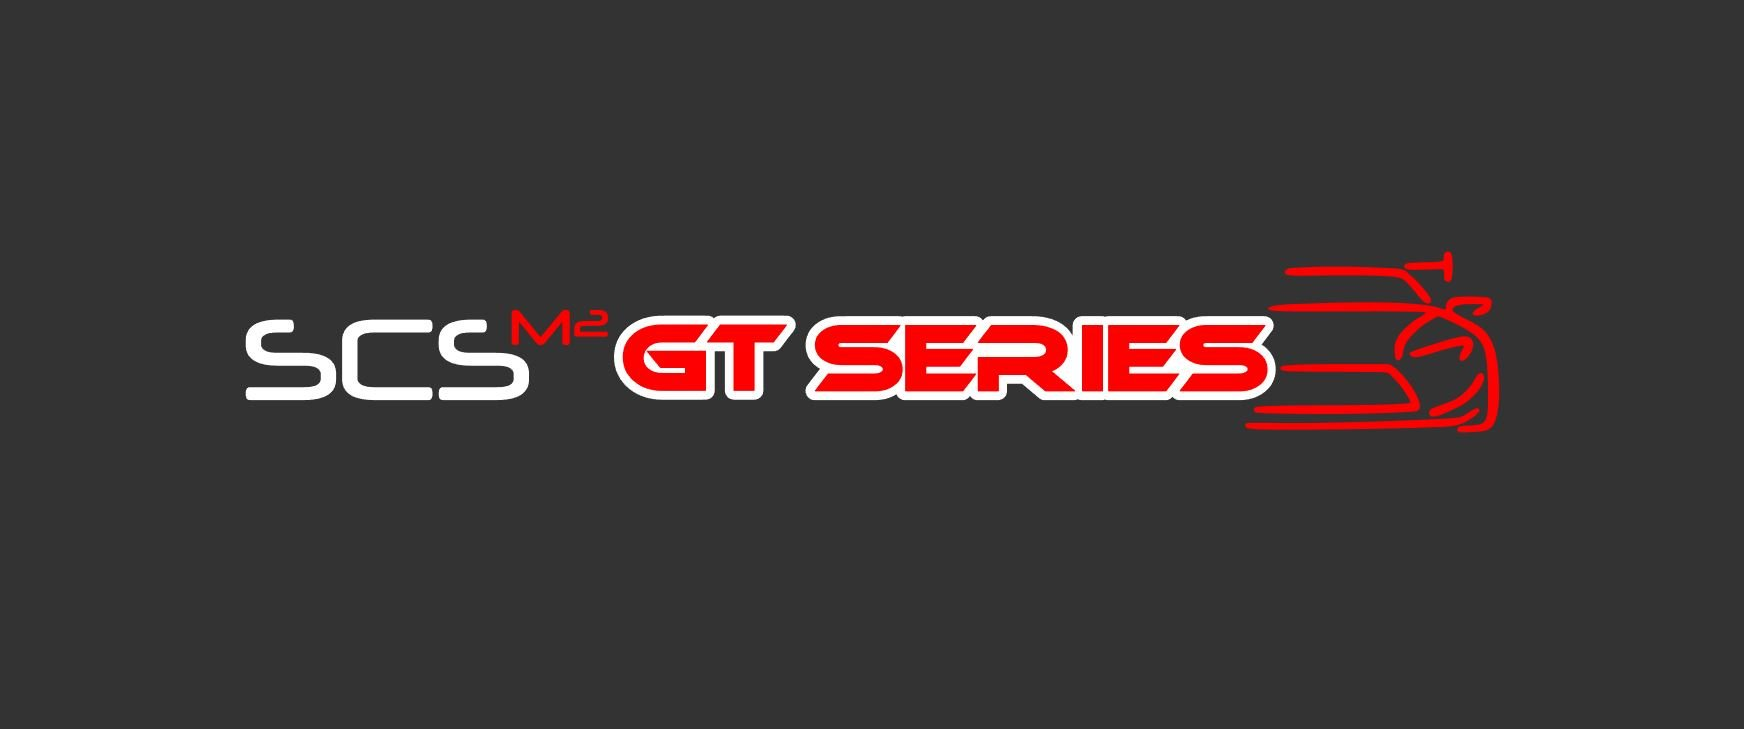 SCS-M2-GT-Series Logo